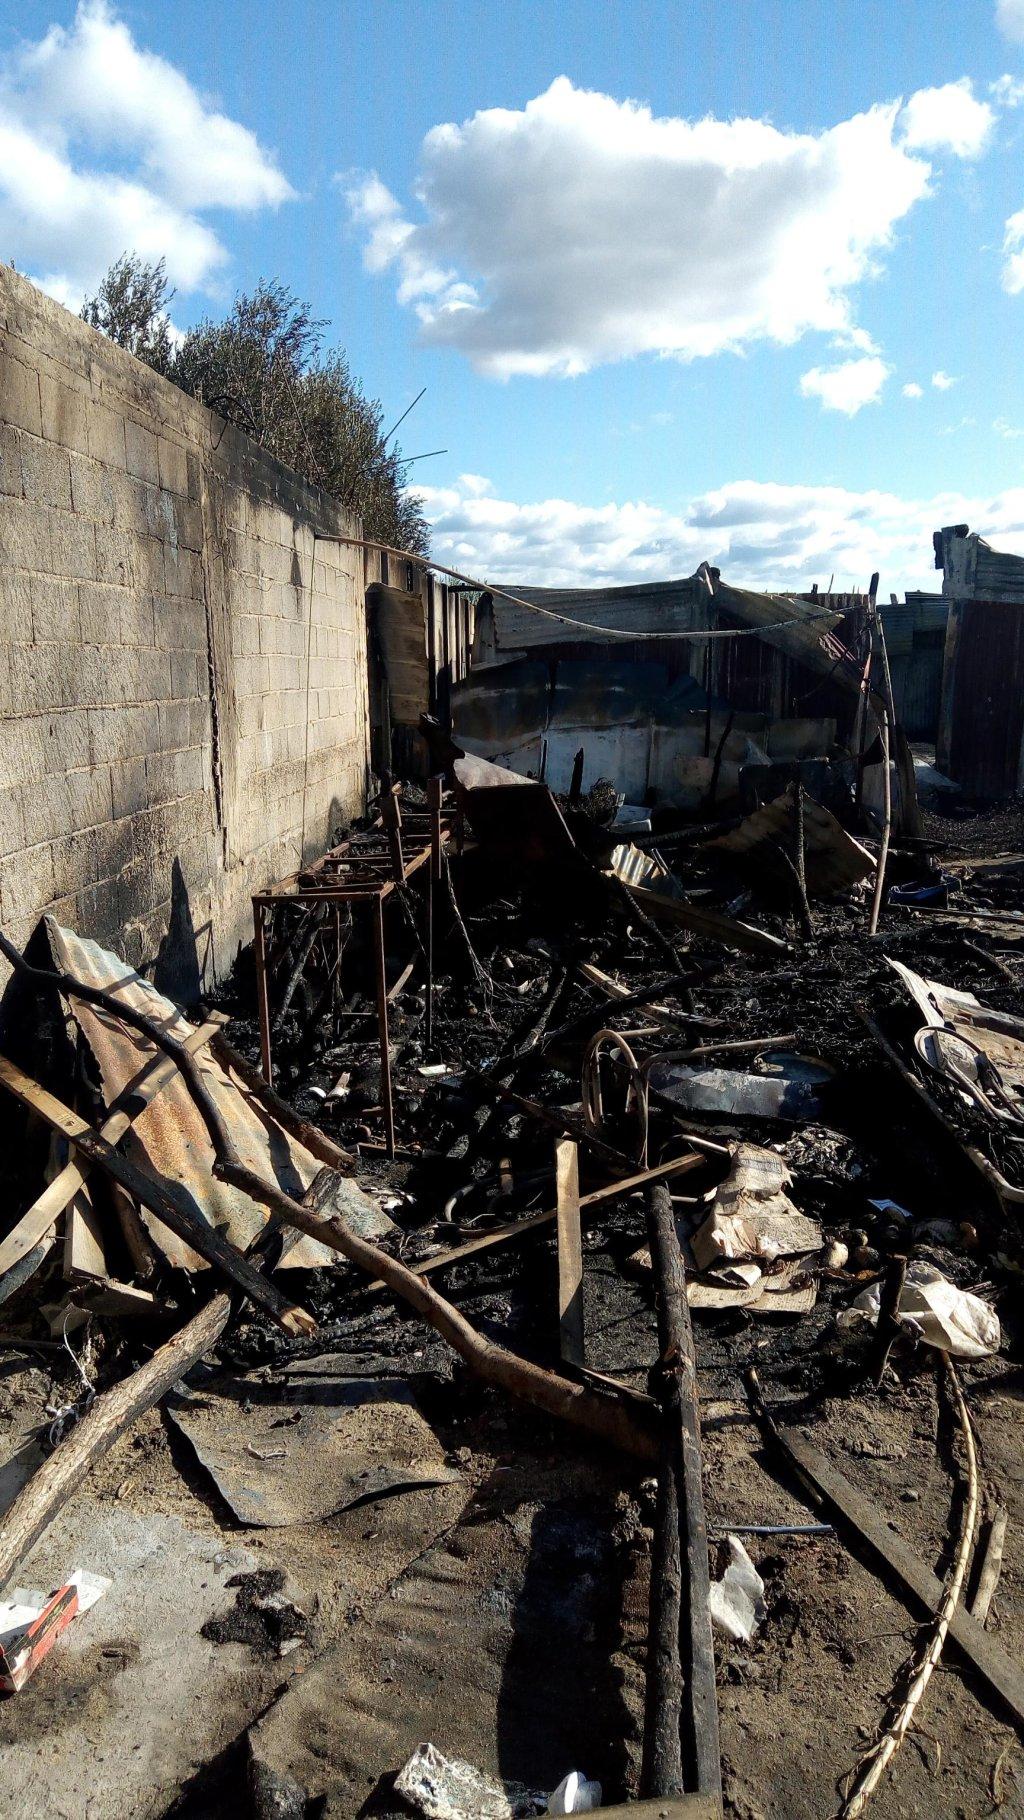 الأضرار الناجمة عن حرائق القمامة في مدينة الأكواخ في سان فرناندينو، حيث يقيم مهاجرون يعملون في حصاد موسم الحمضيات. المصدر: أنسا.